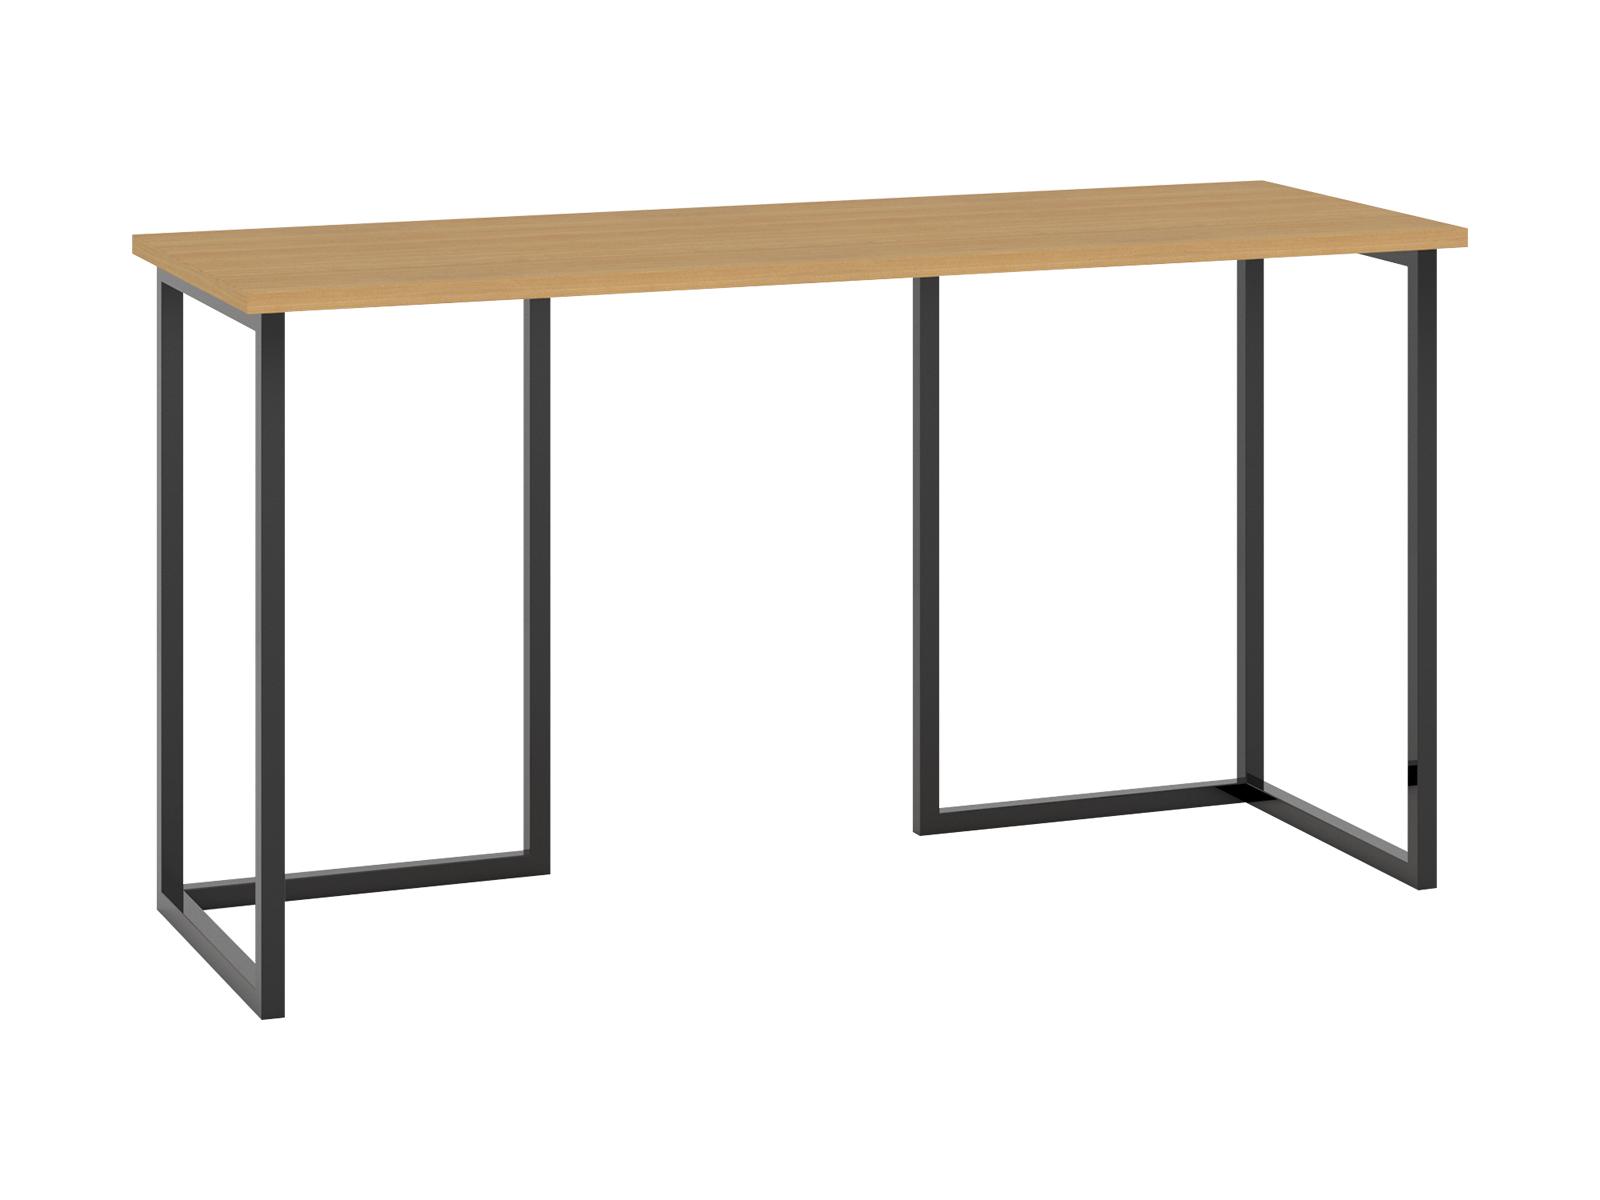 Стол BoardПисьменные столы<br>Большой выбор  столешниц и цветов оснований позволяет создавать комбинации, точно отвечающие вашим потребностям.Основание: металл окрашенный.Столешница: ЛДСП 22мм.<br><br>kit: None<br>gender: None